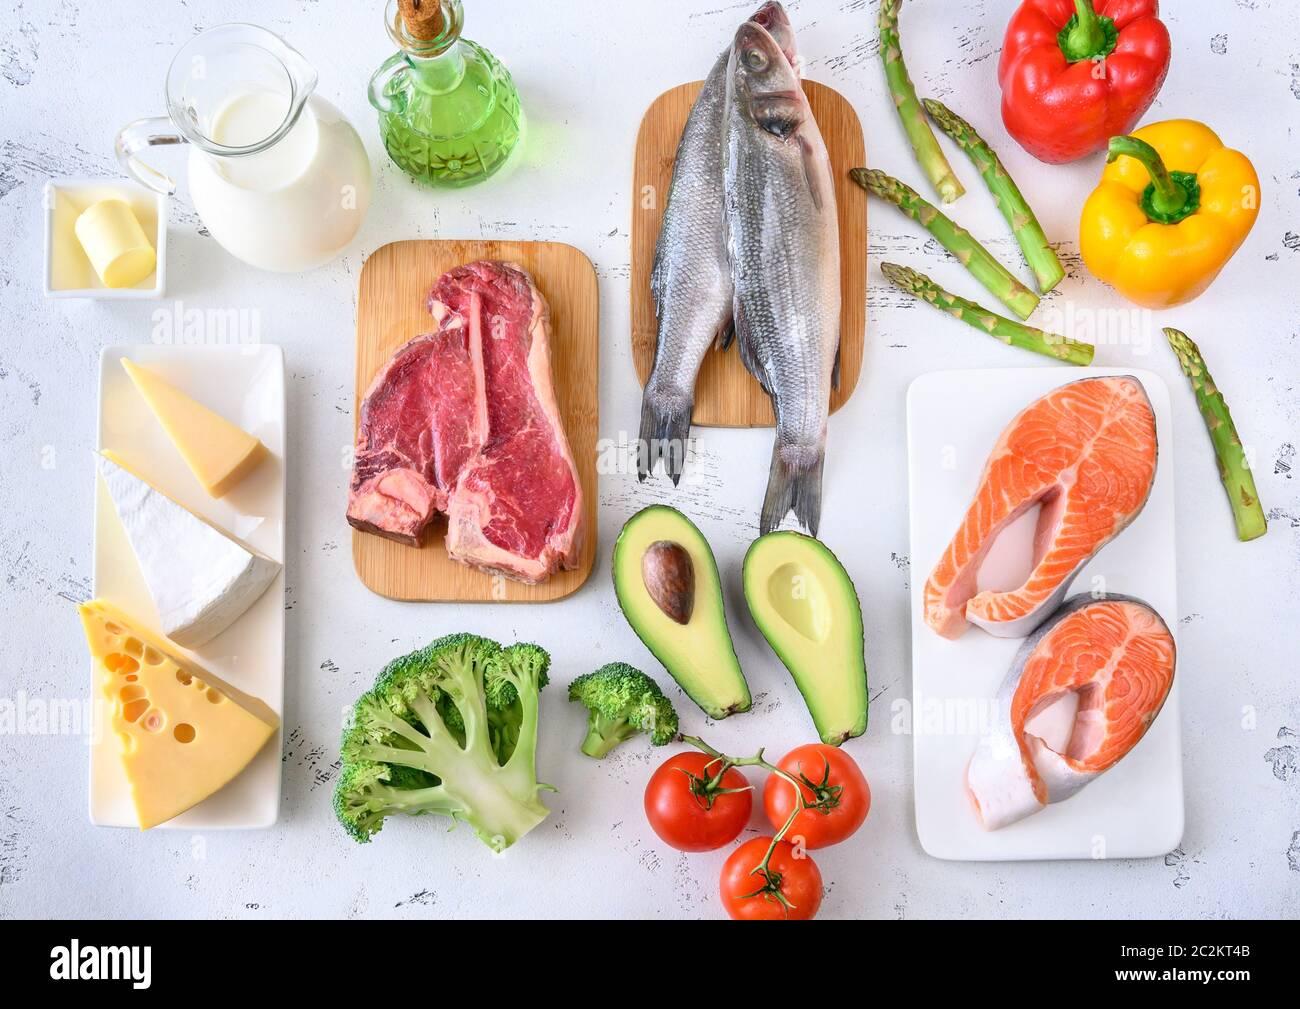 Assortiment d'aliments pour régime cétogène sur fond de bois Banque D'Images